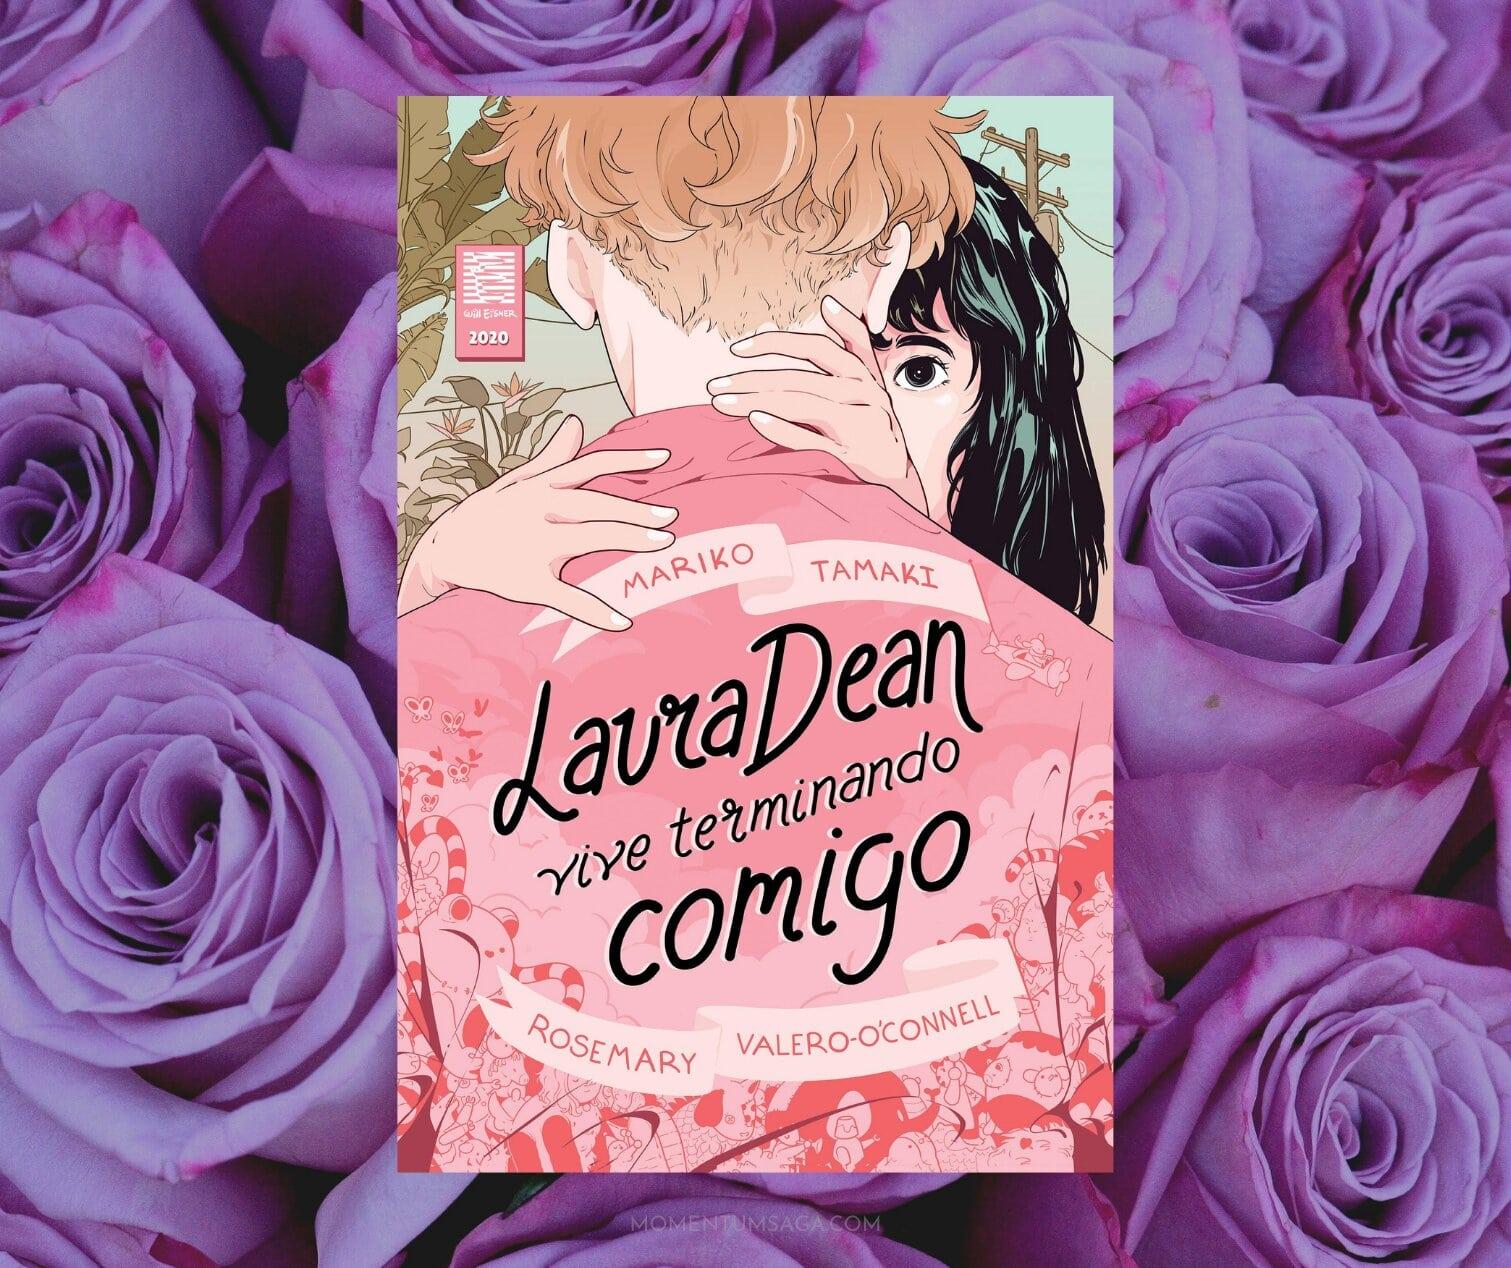 Resenha: Laura Dean Vive Terminando Comigo, de Mariko Tamaki e Rosemary Valero-O'Connell